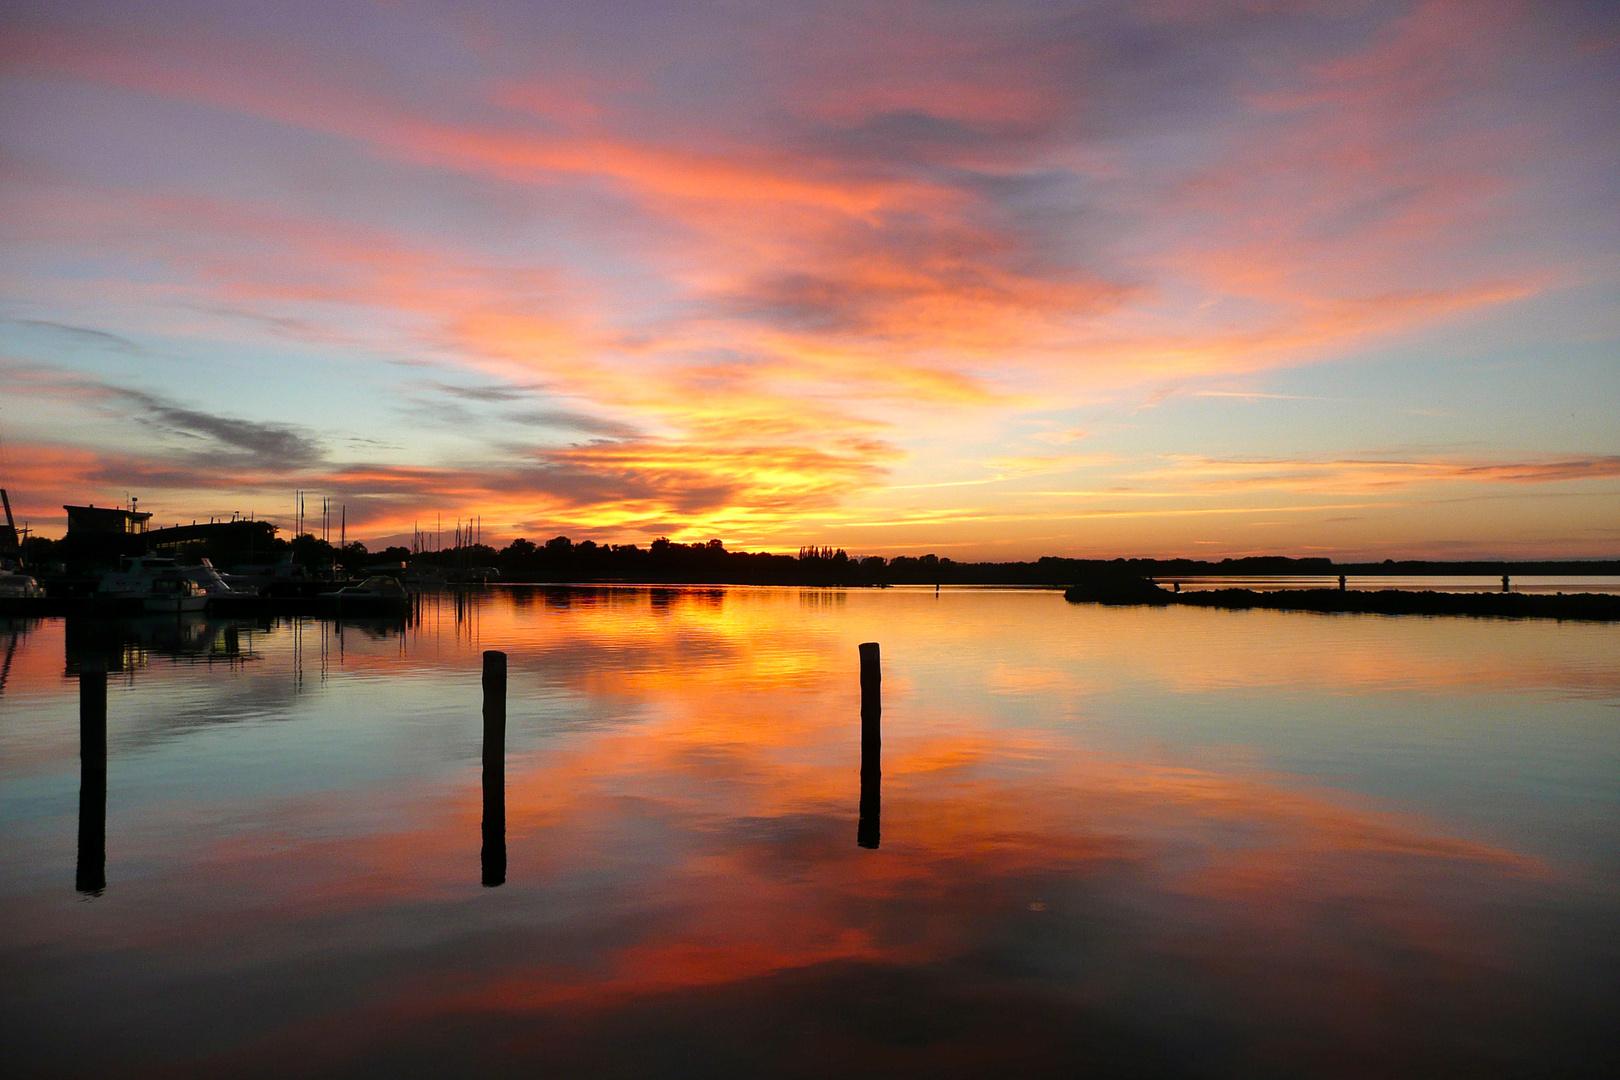 Sonnenuntergang im Barther Hafen